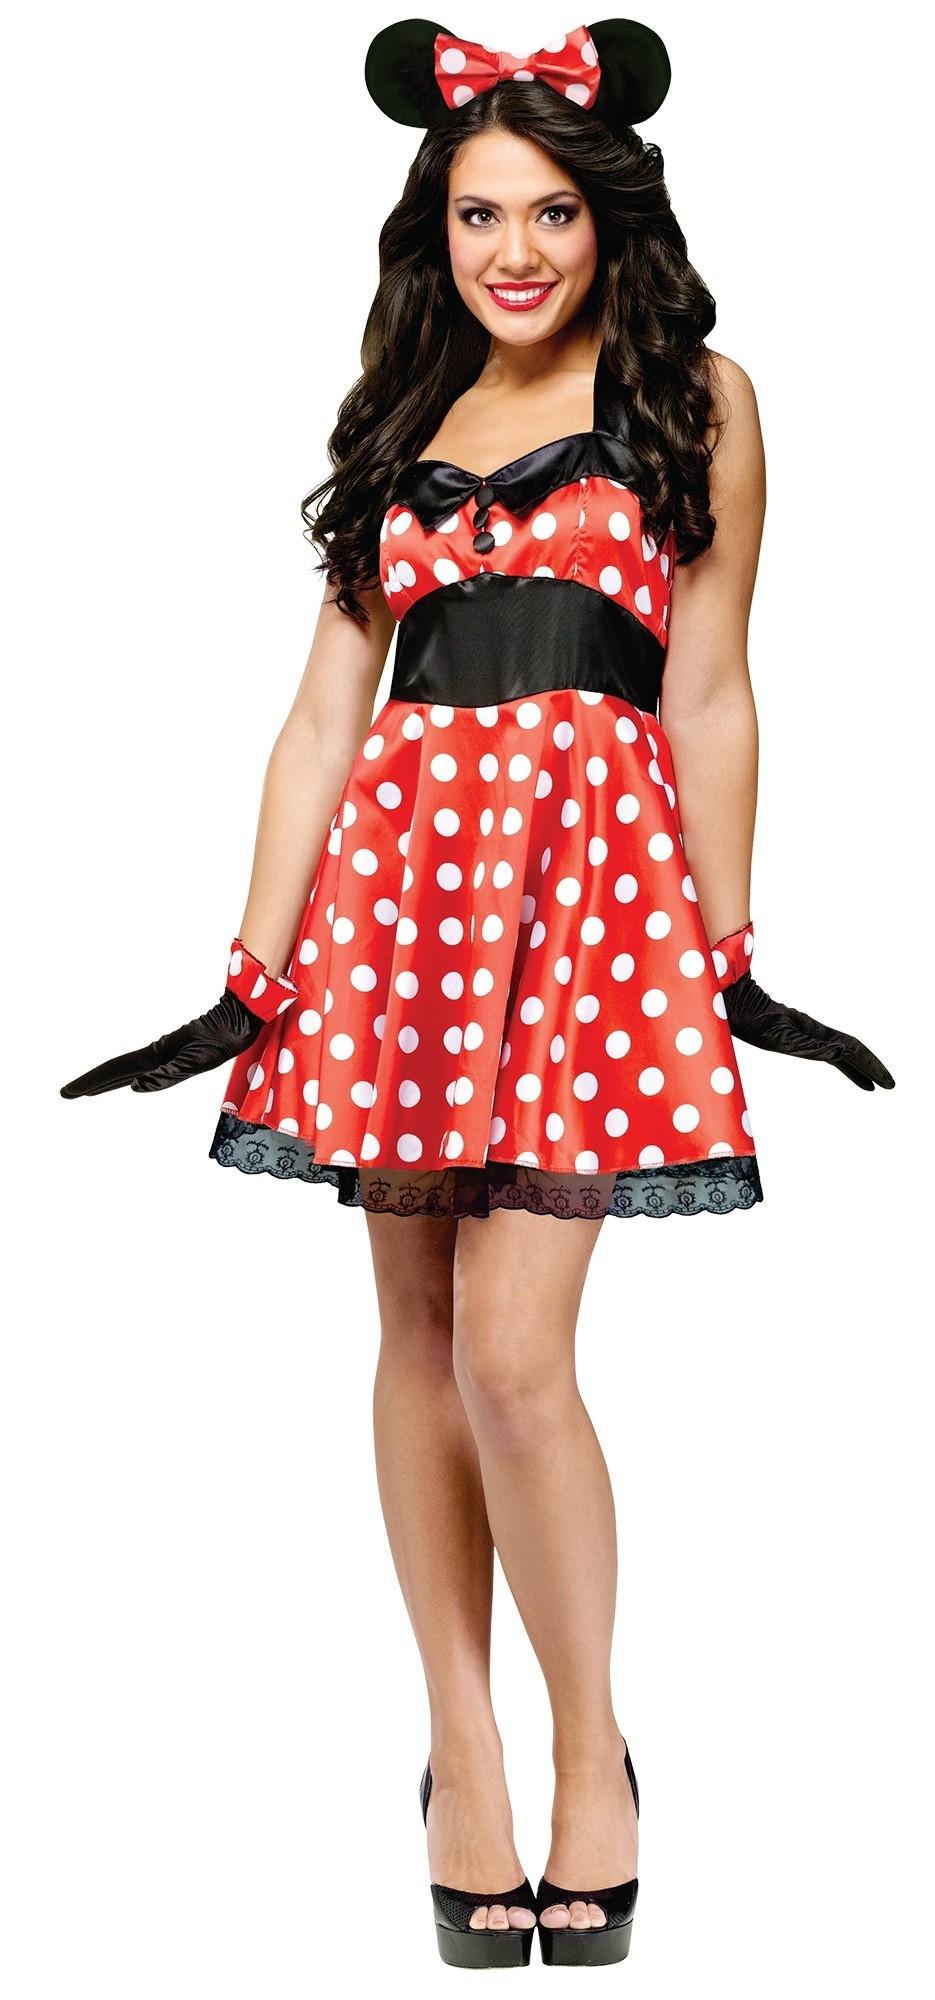 все цены на  Ретро костюм Мини Маус (48)  в интернете